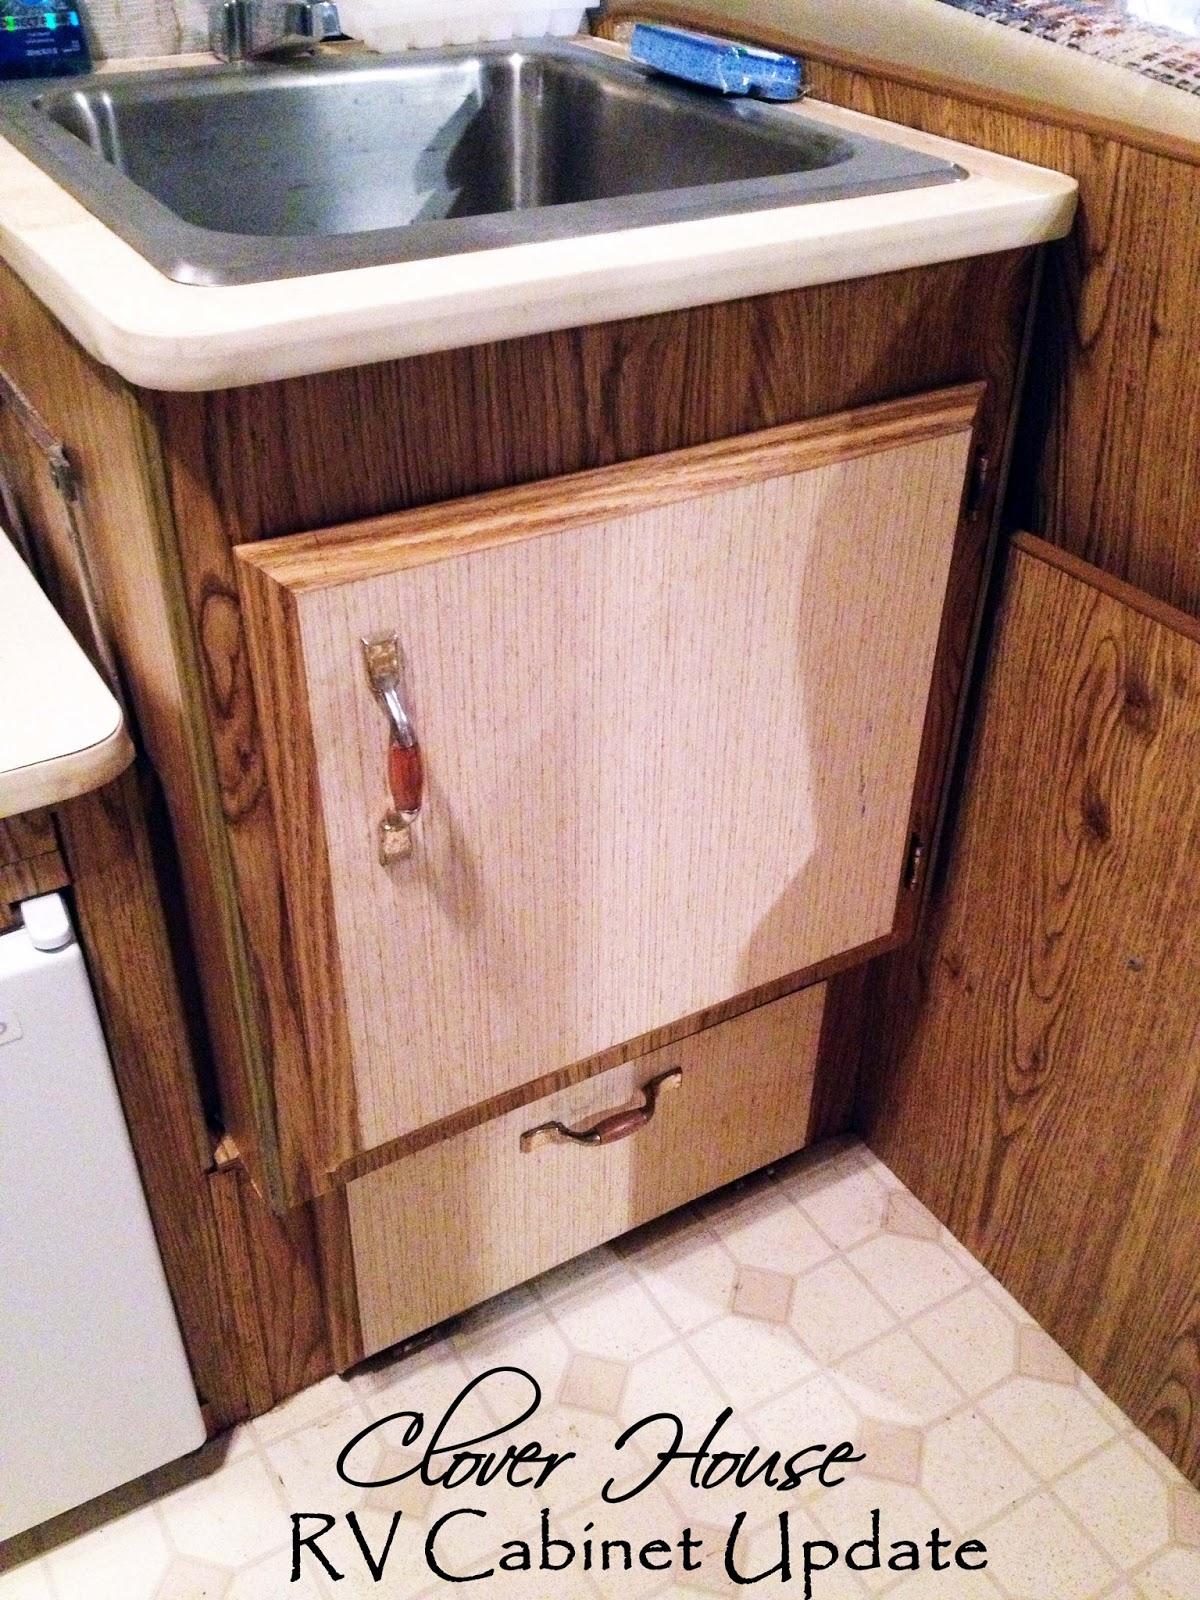 rv remodel on budget cabinet update rv kitchen cabinets RV Remodel on a Budget Cabinet Update